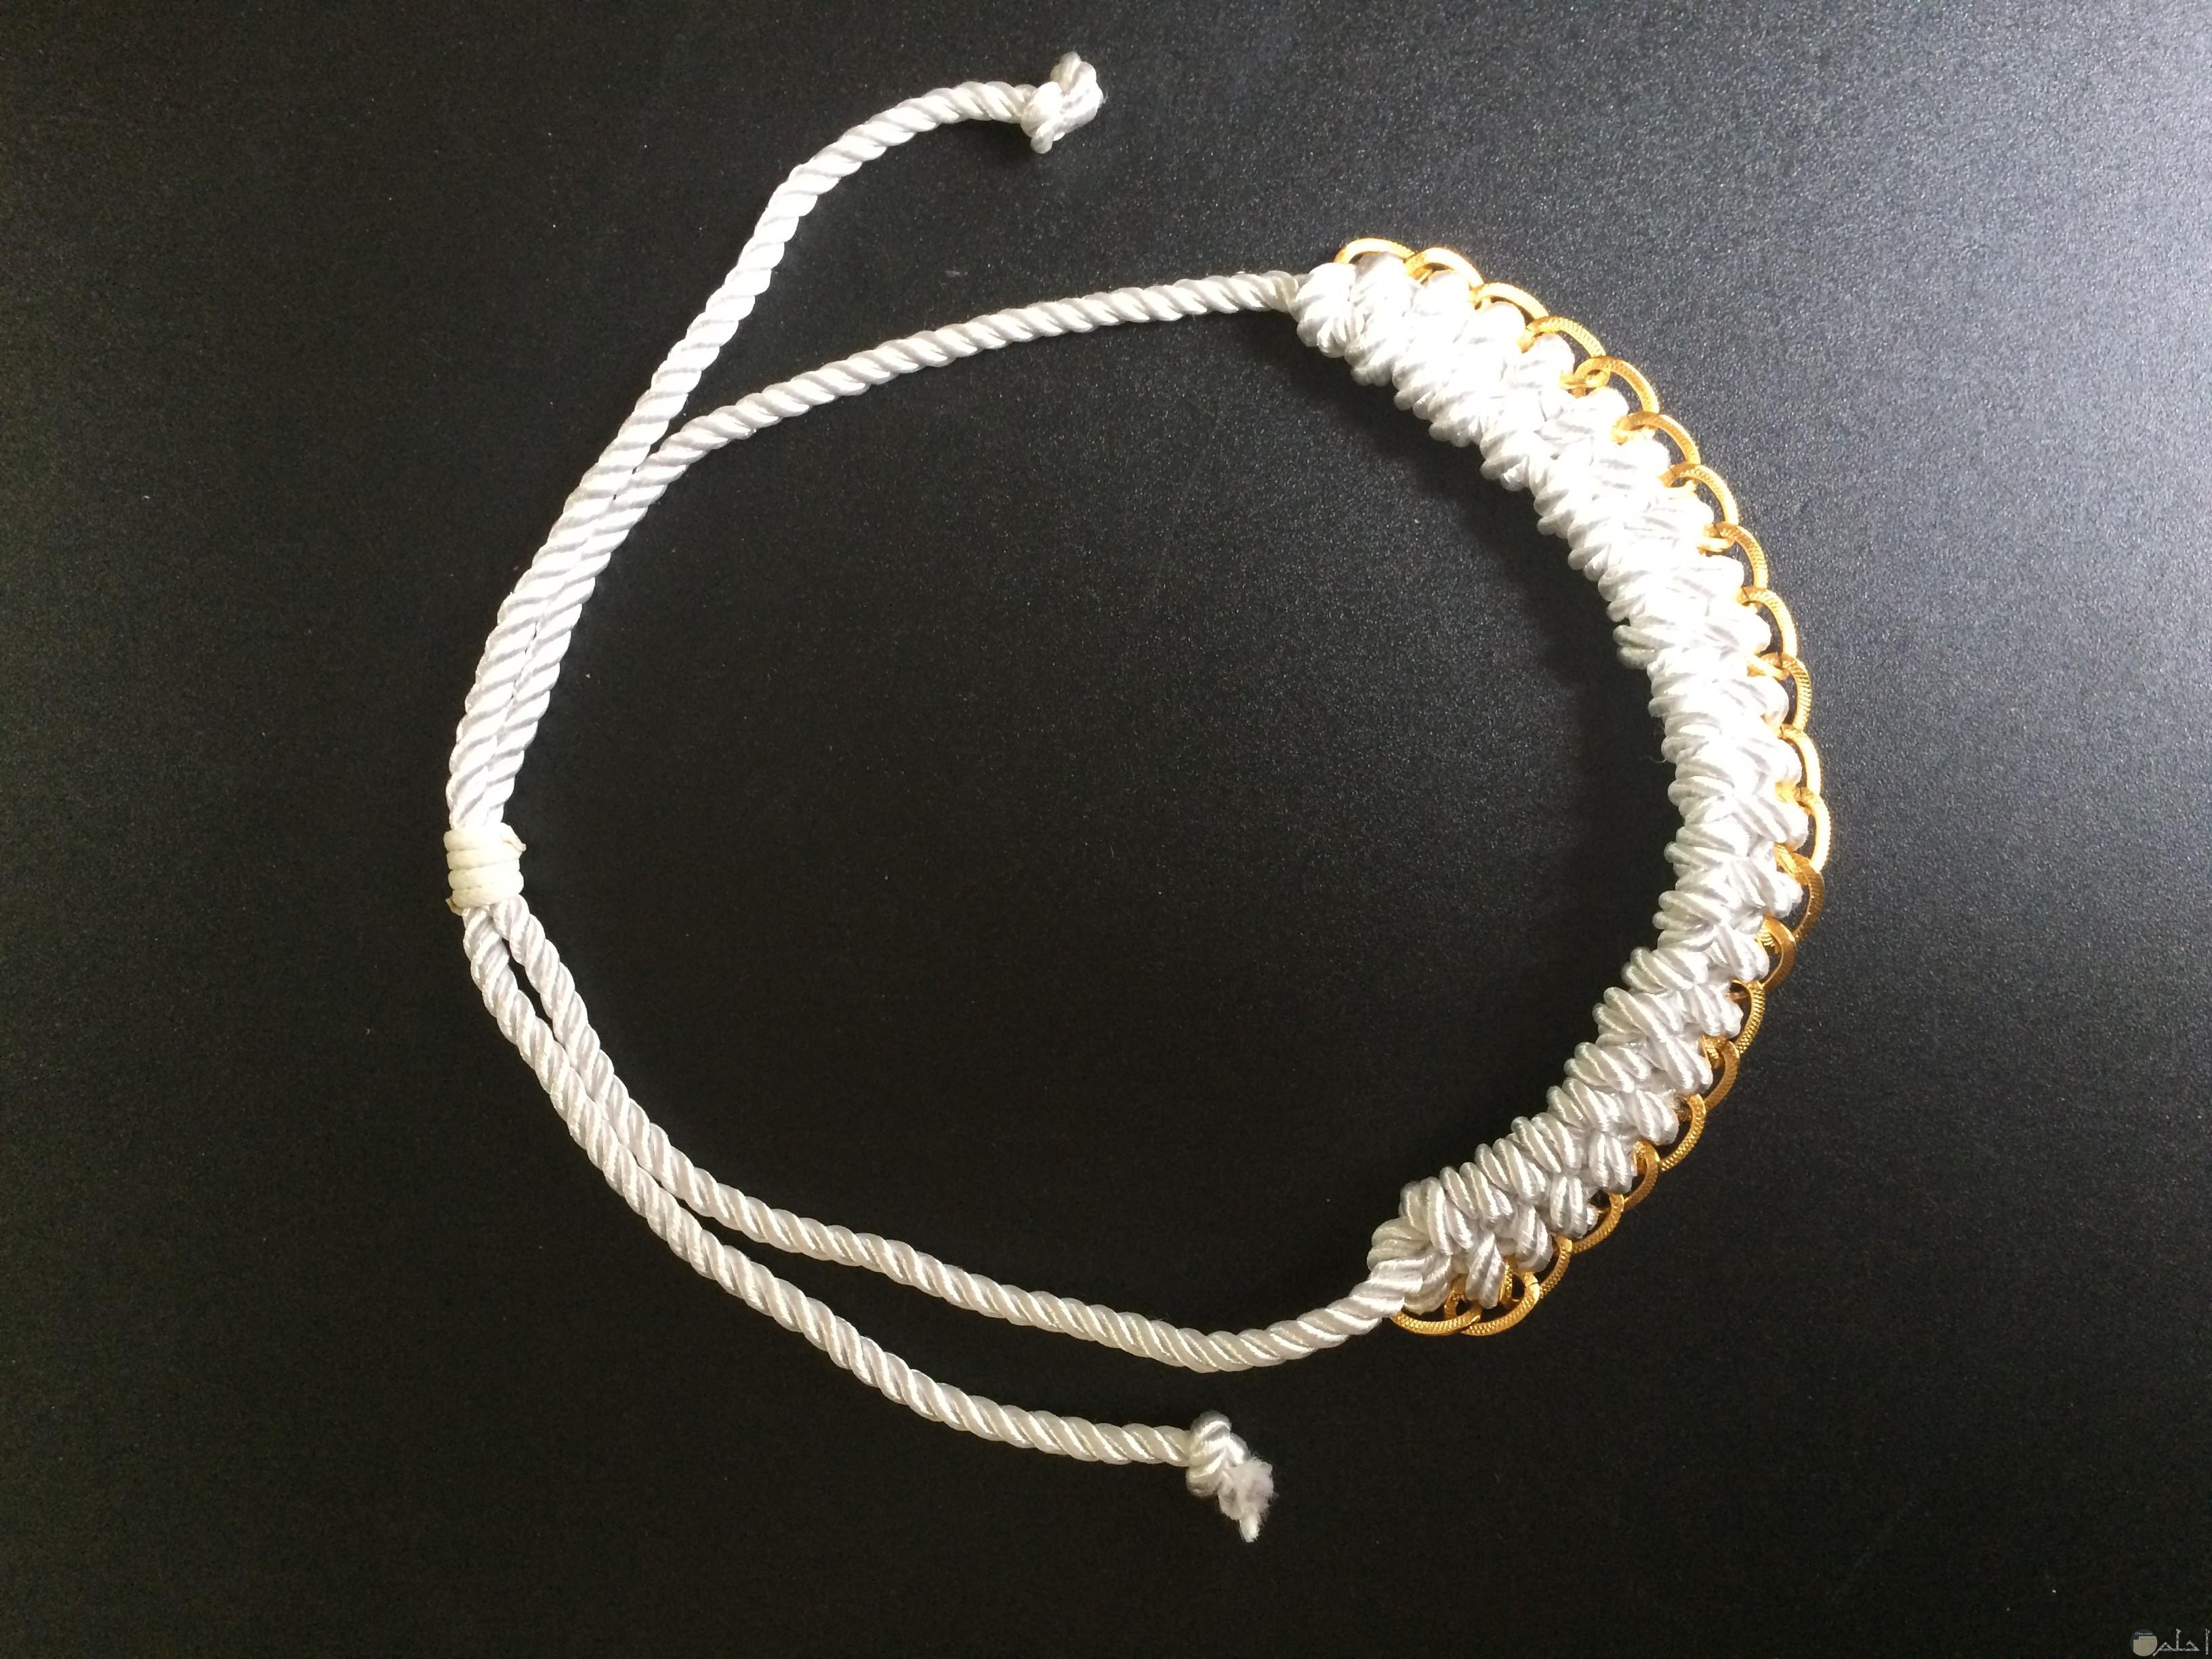 صورة لإكسسوار هاند ميد جميل لليدين باللون الأبيض والذهبي للبنات